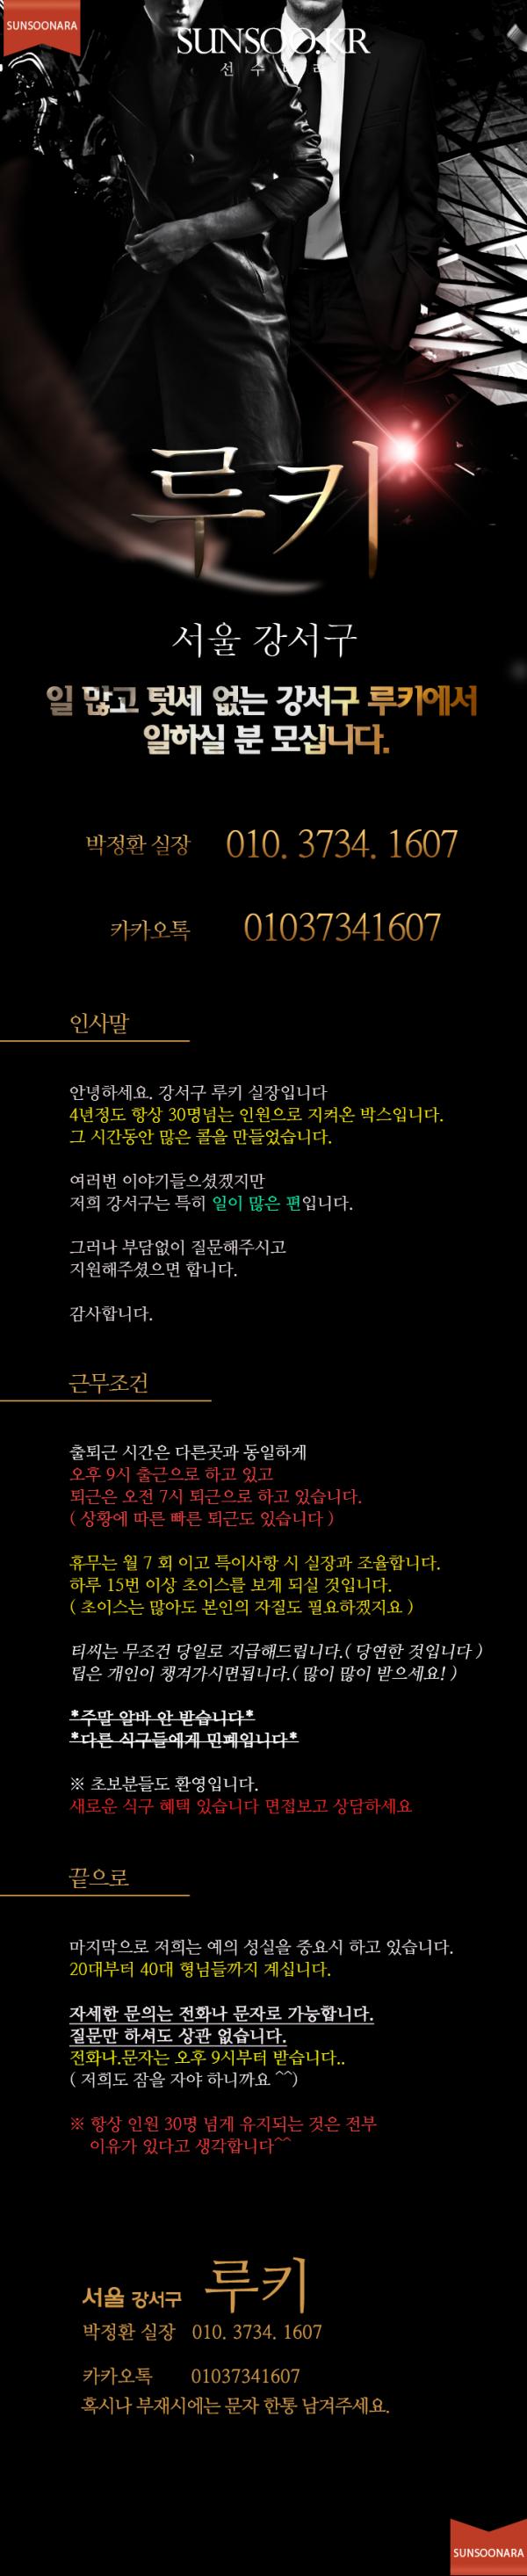 강서구 루키.png